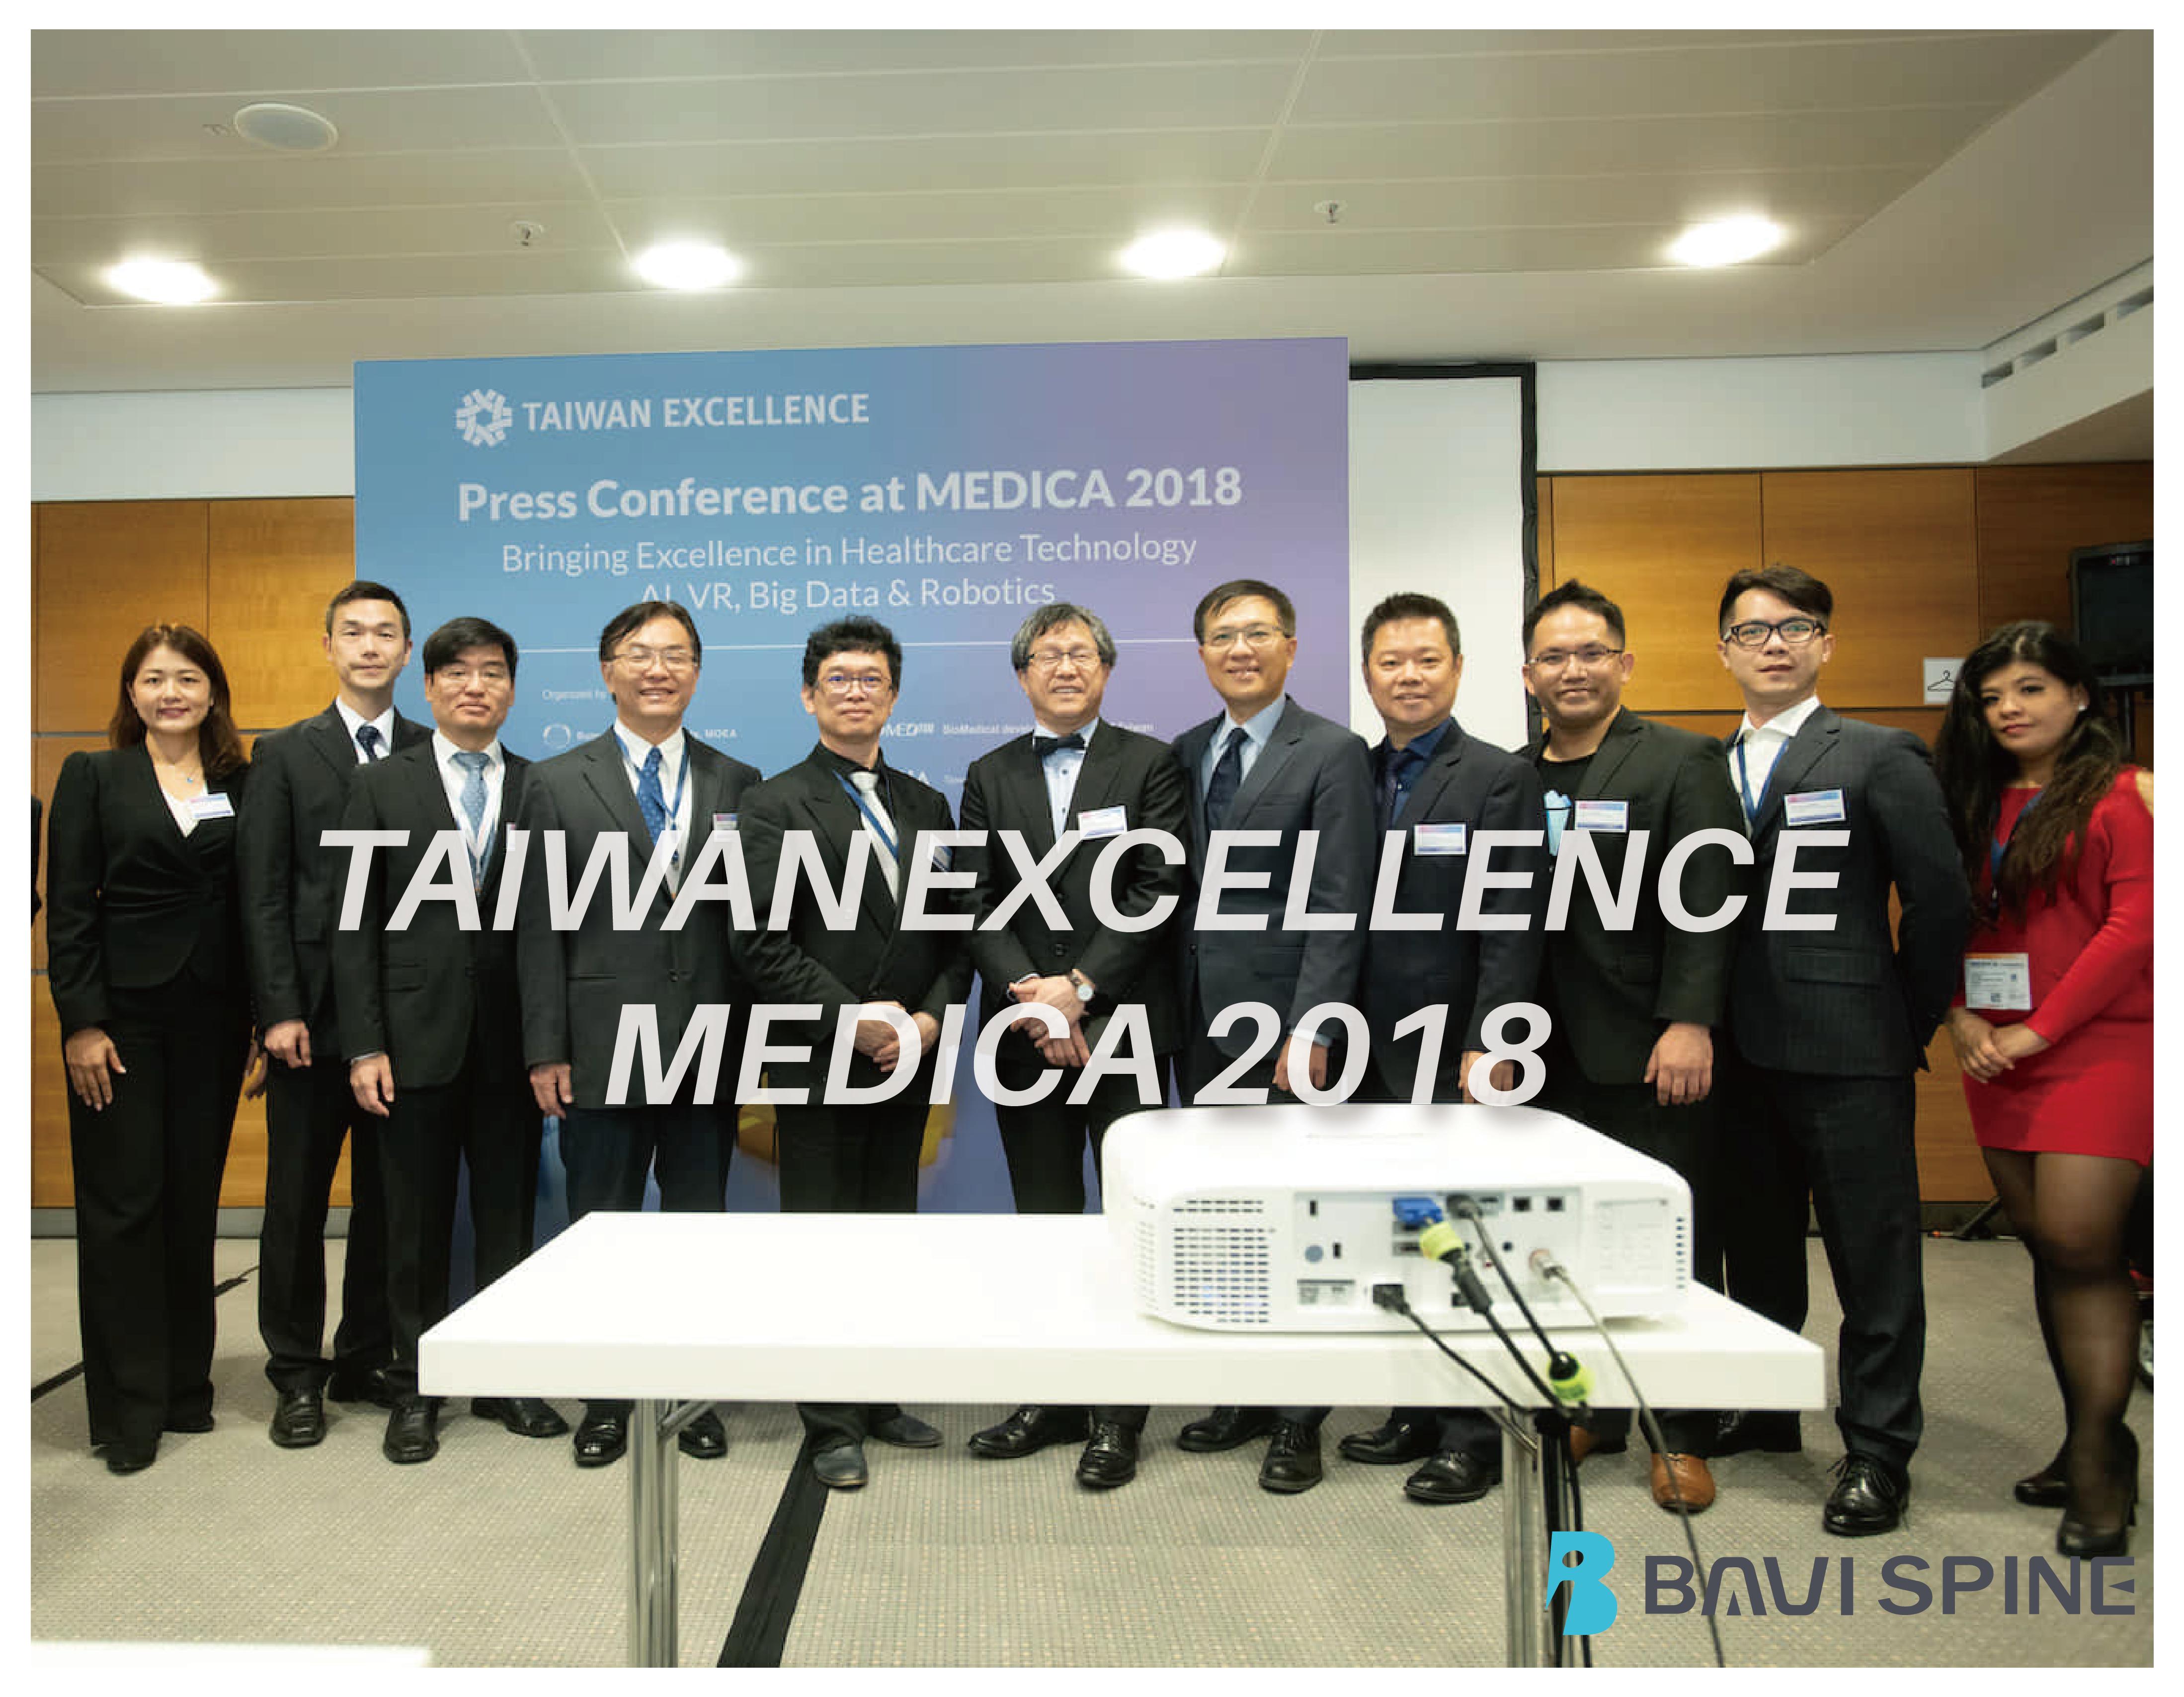 NOVA presented at MEDICA 2018